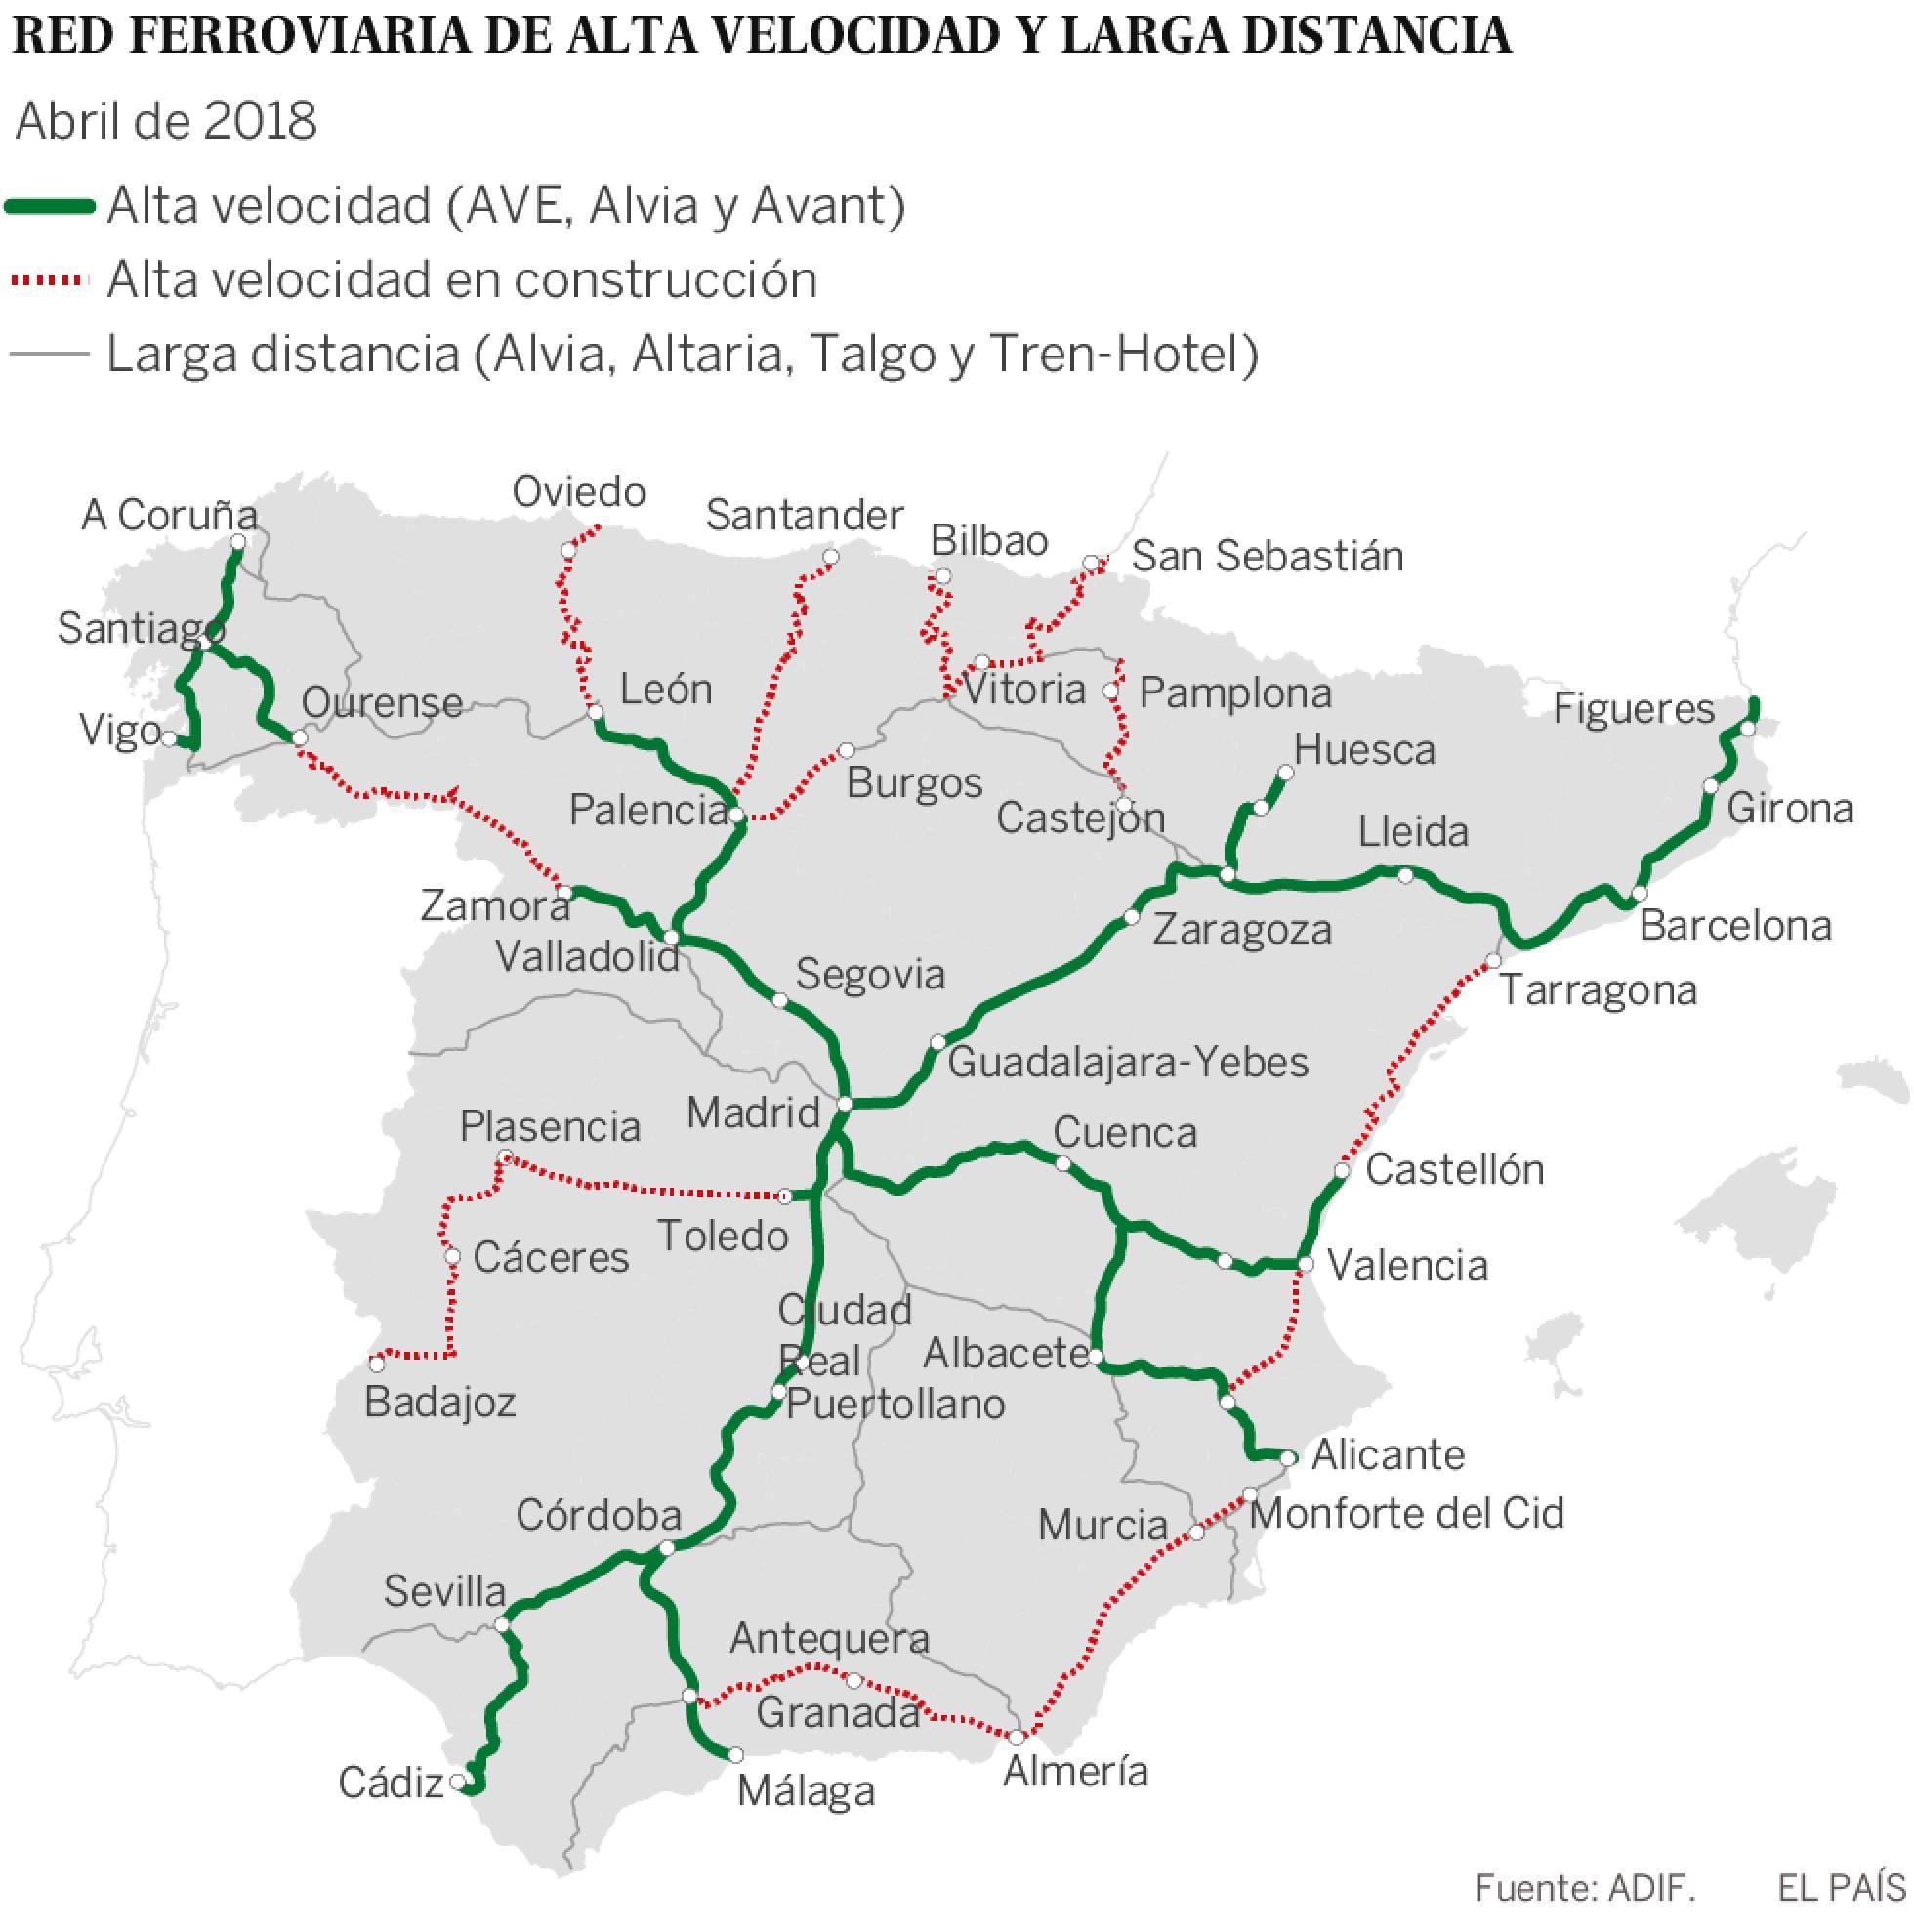 Transportes: Ferrocarril en España, alta velocidad, convencional. - Página 6 1525171714_230344_1525197336_sumario_normal_recorte1